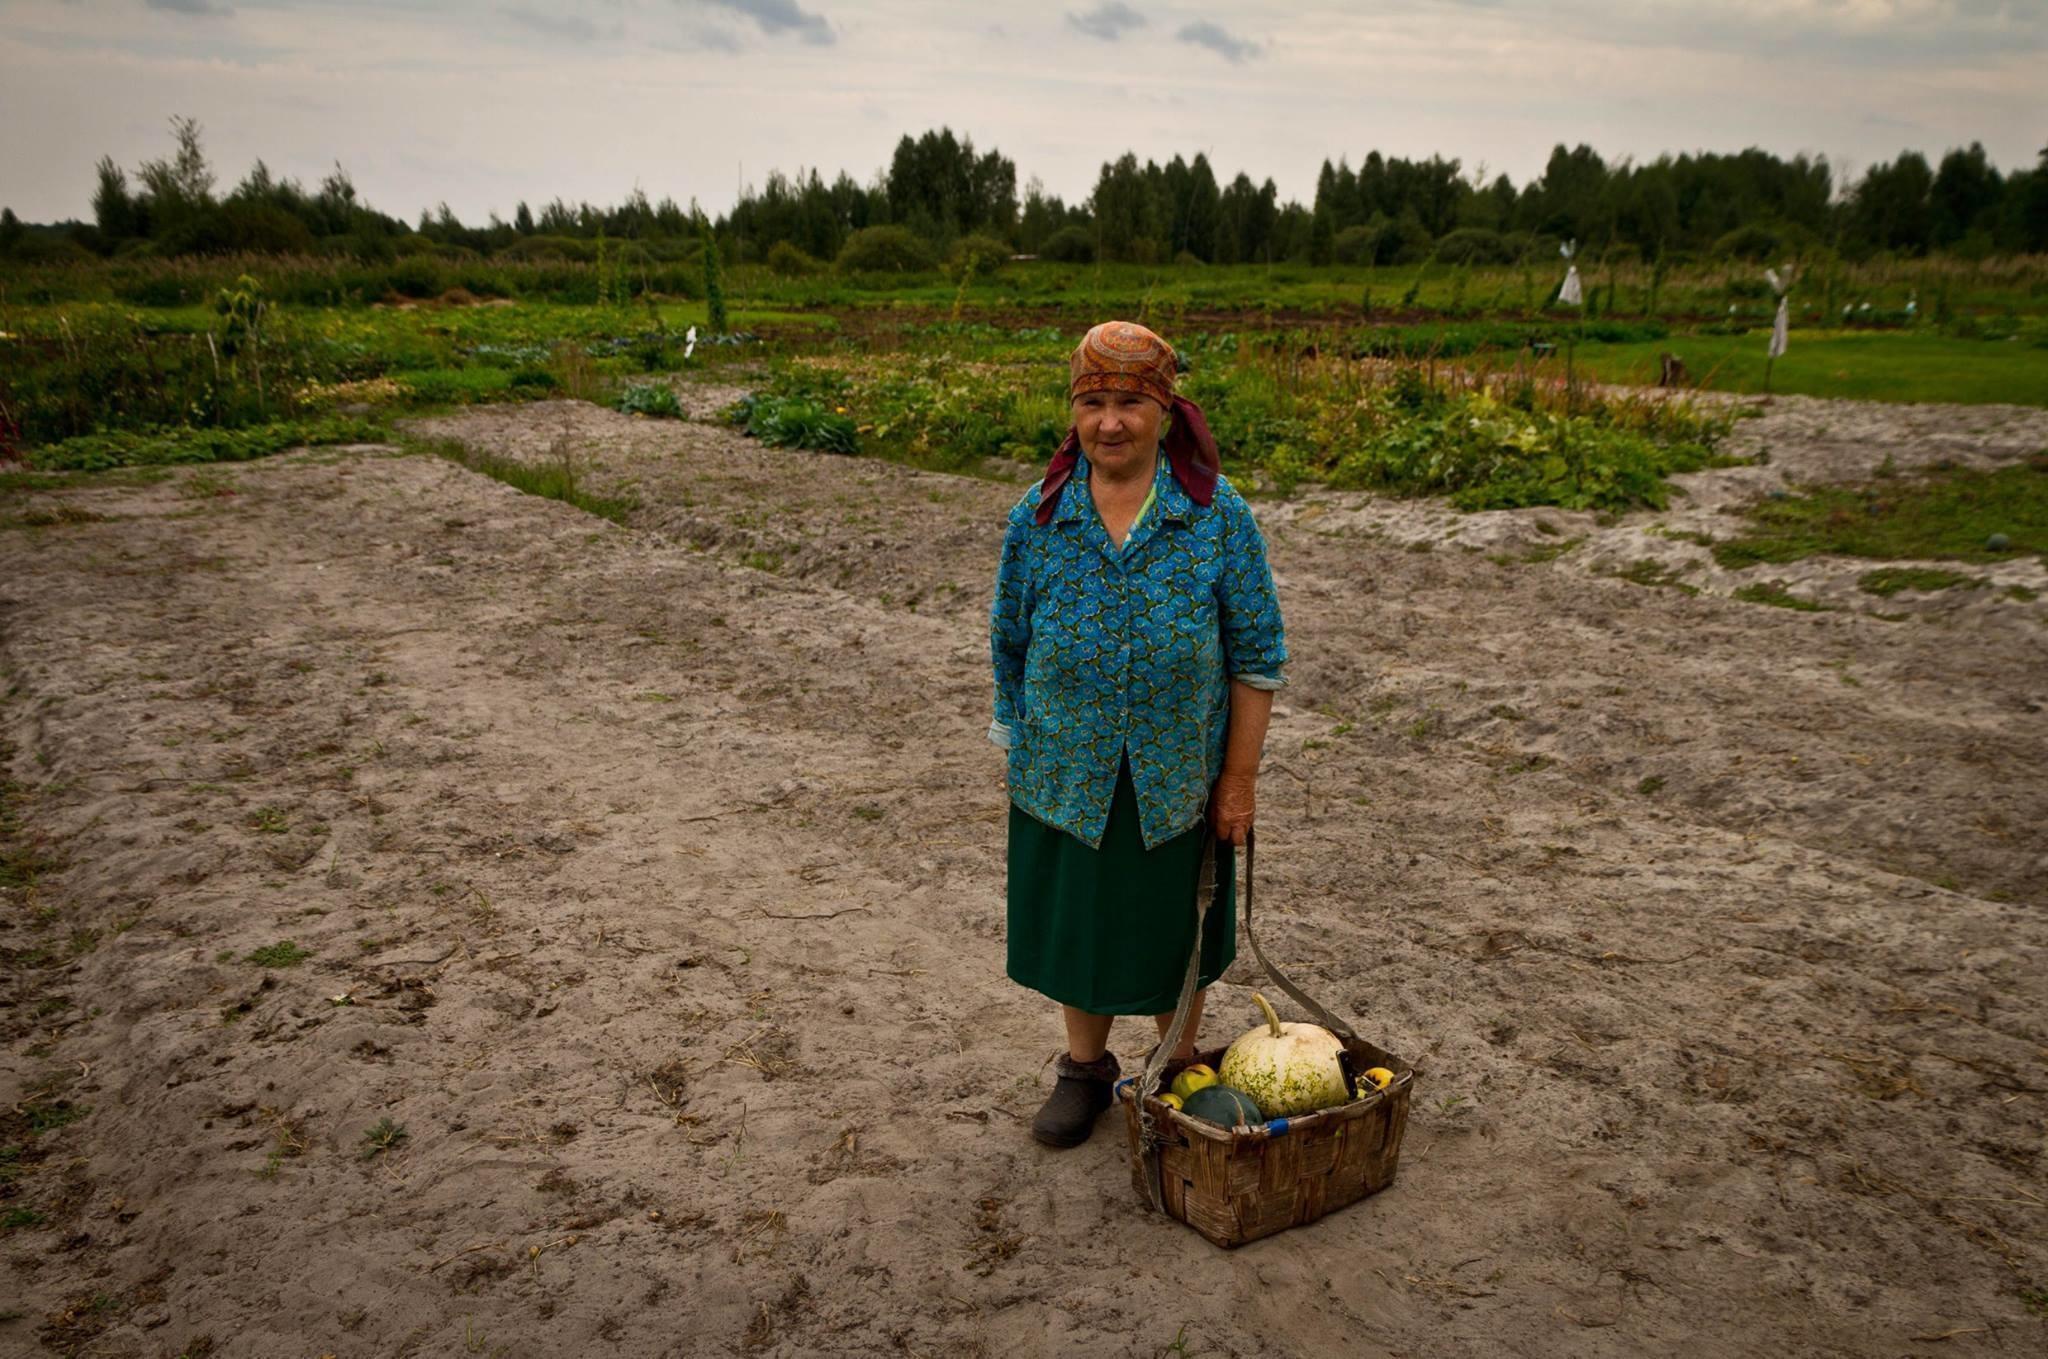 зона работа на АЭС радиация рассказ Чернобыль